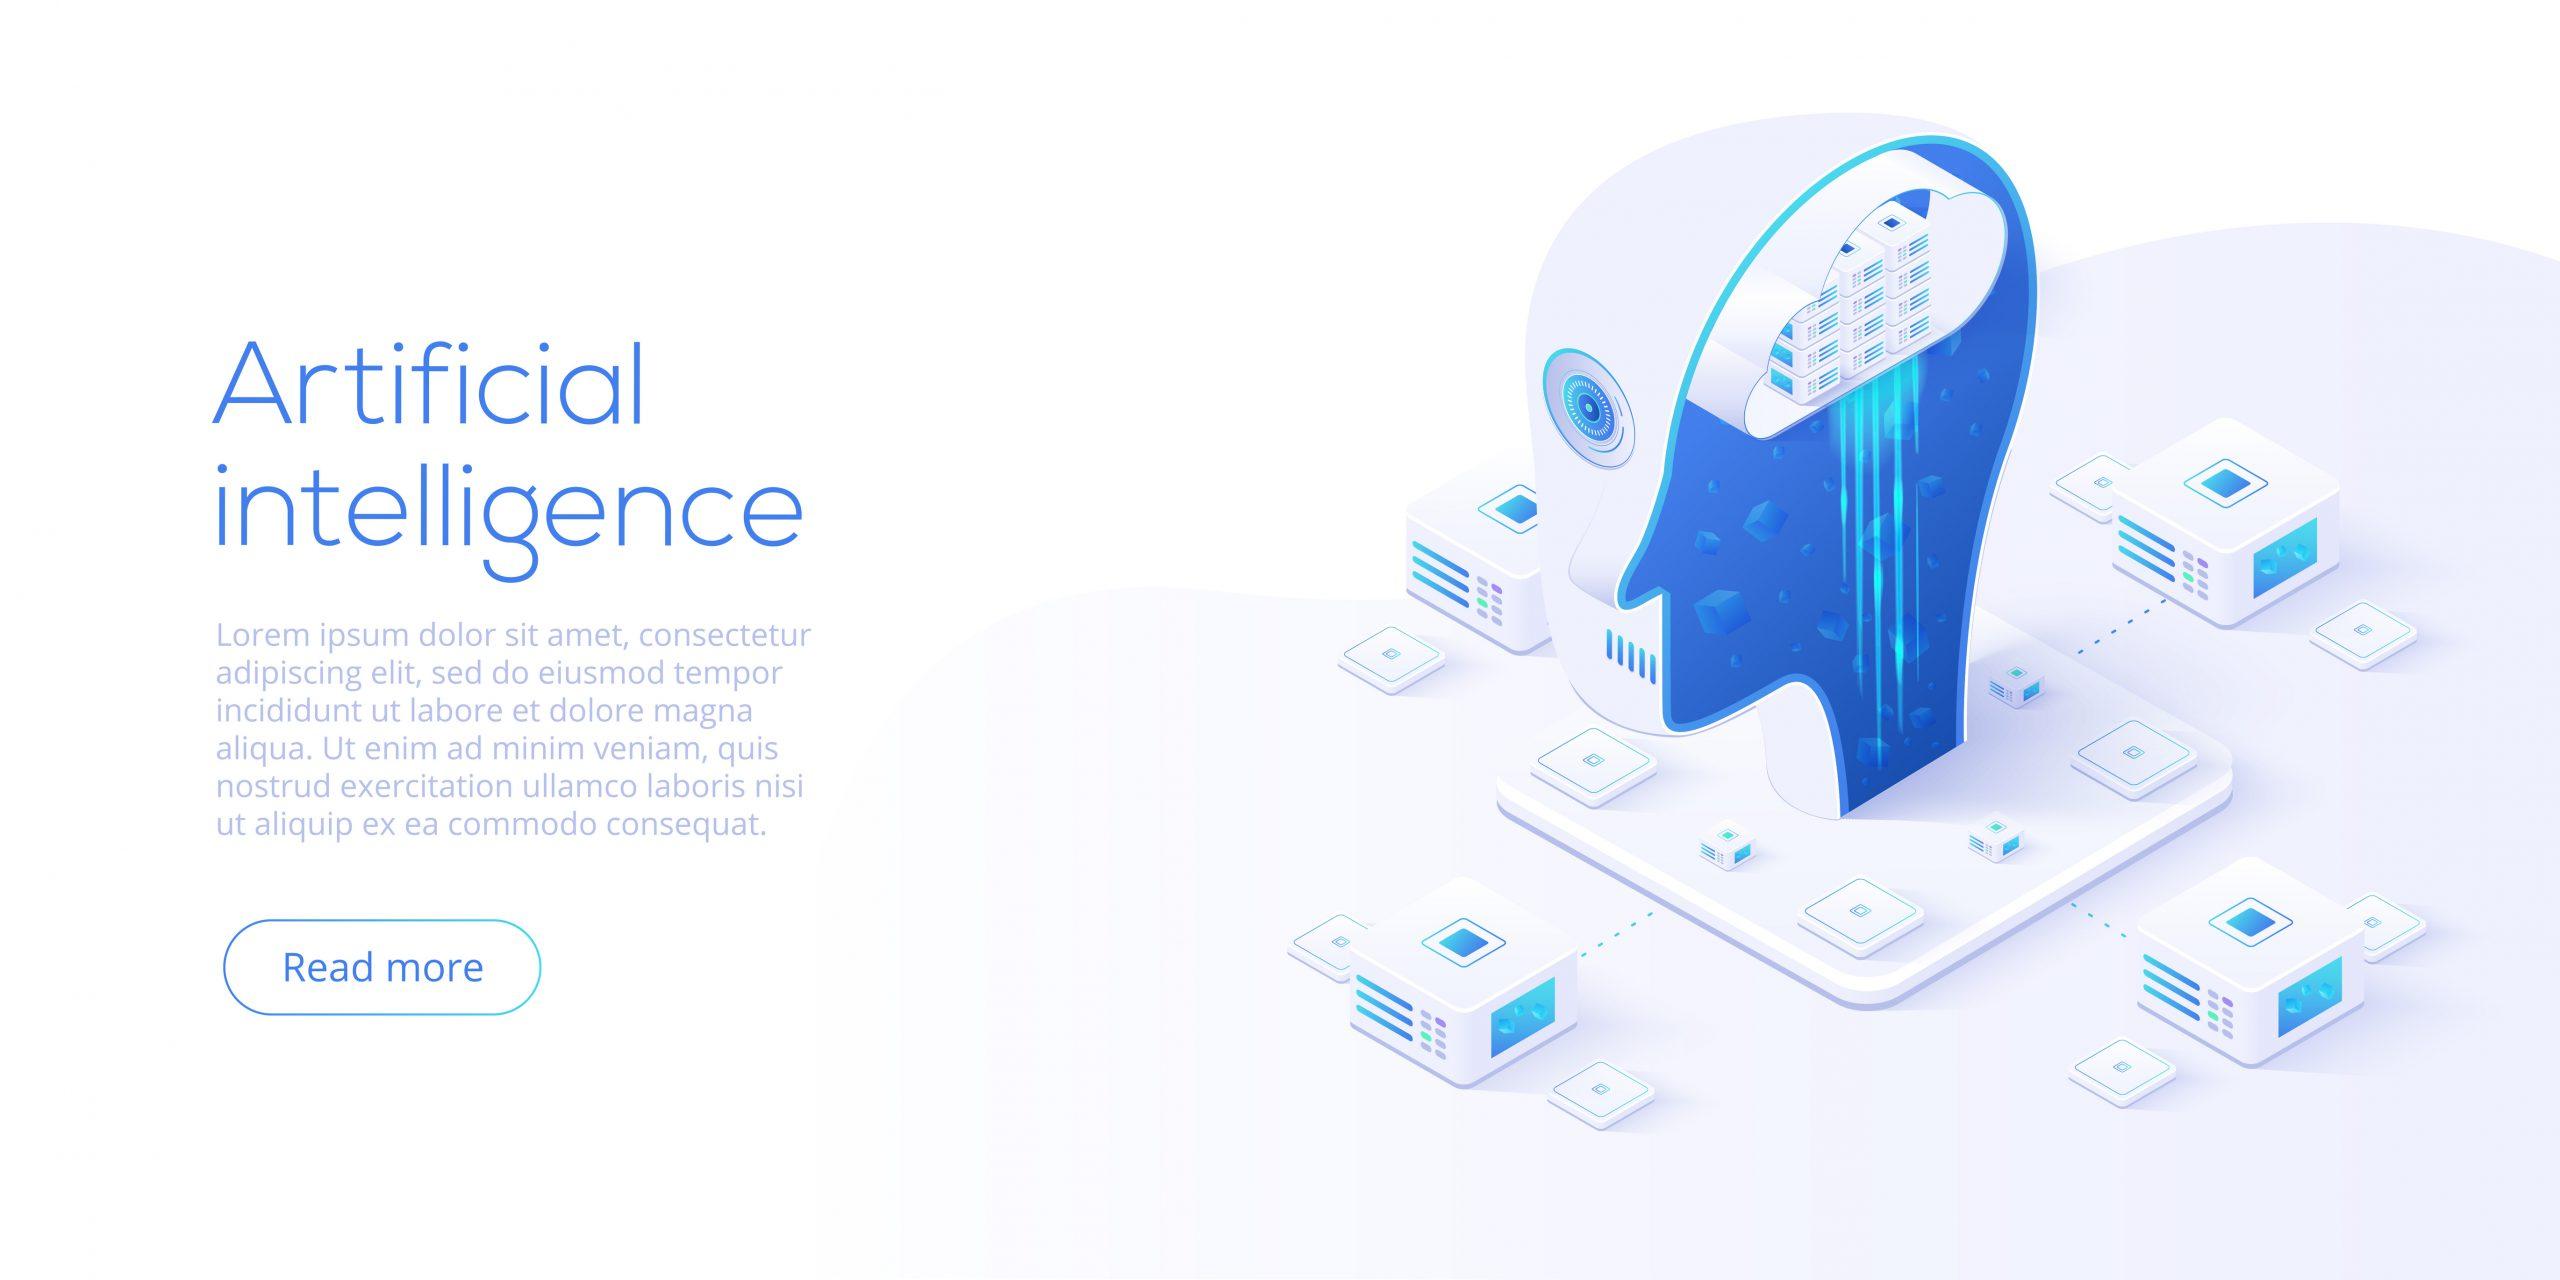 業務改善を考えているならAI-OCRでデータ入力を効率化